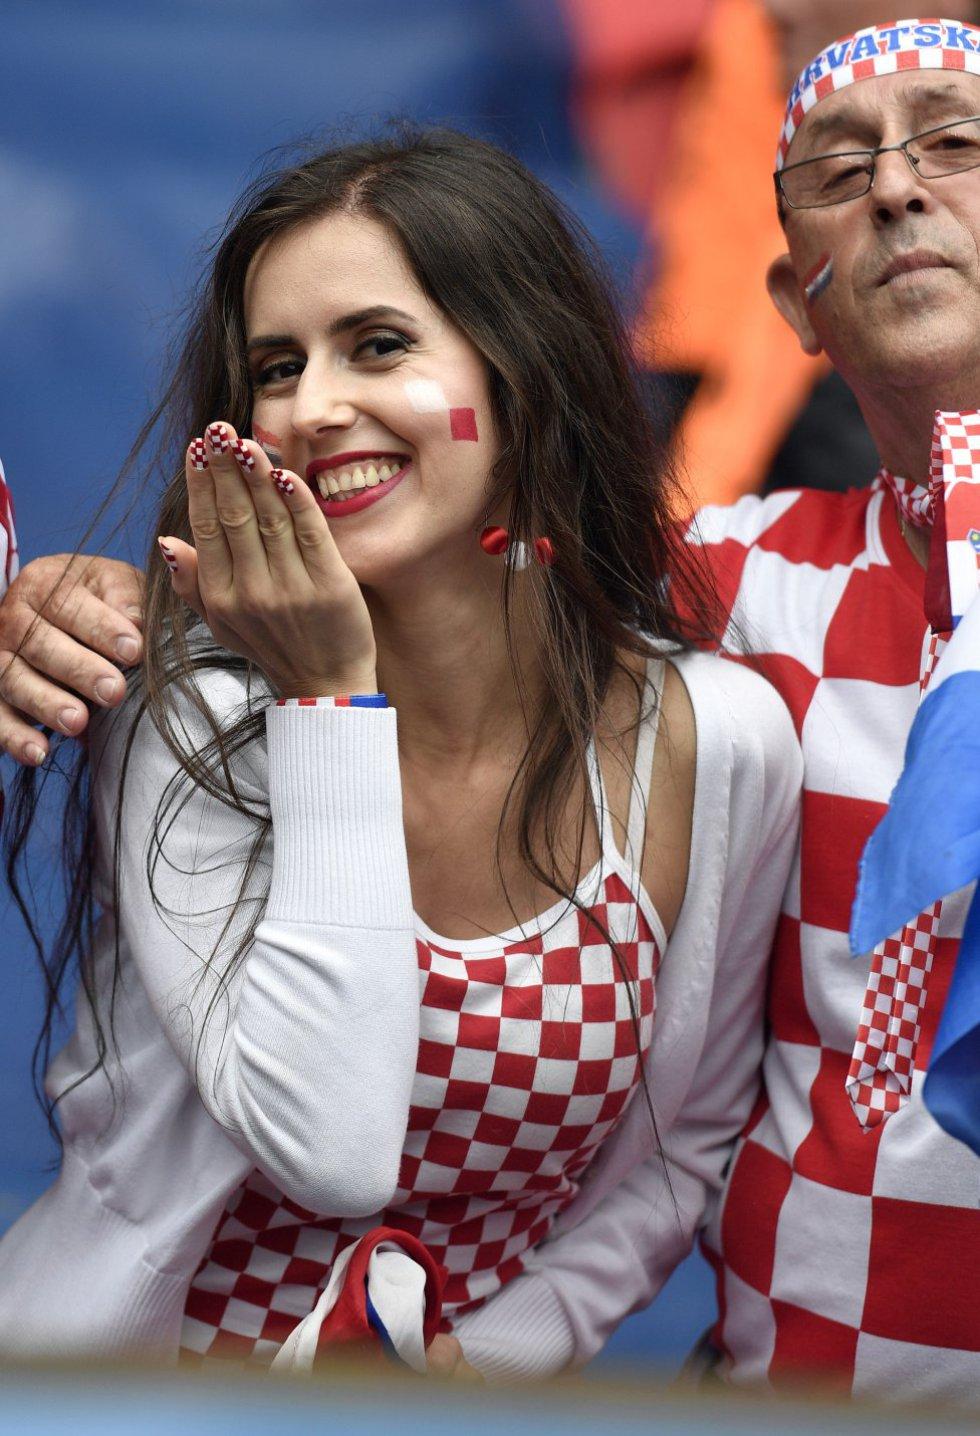 Las bellezas en las gradas de los estadios donde se celebra la Eurocopa